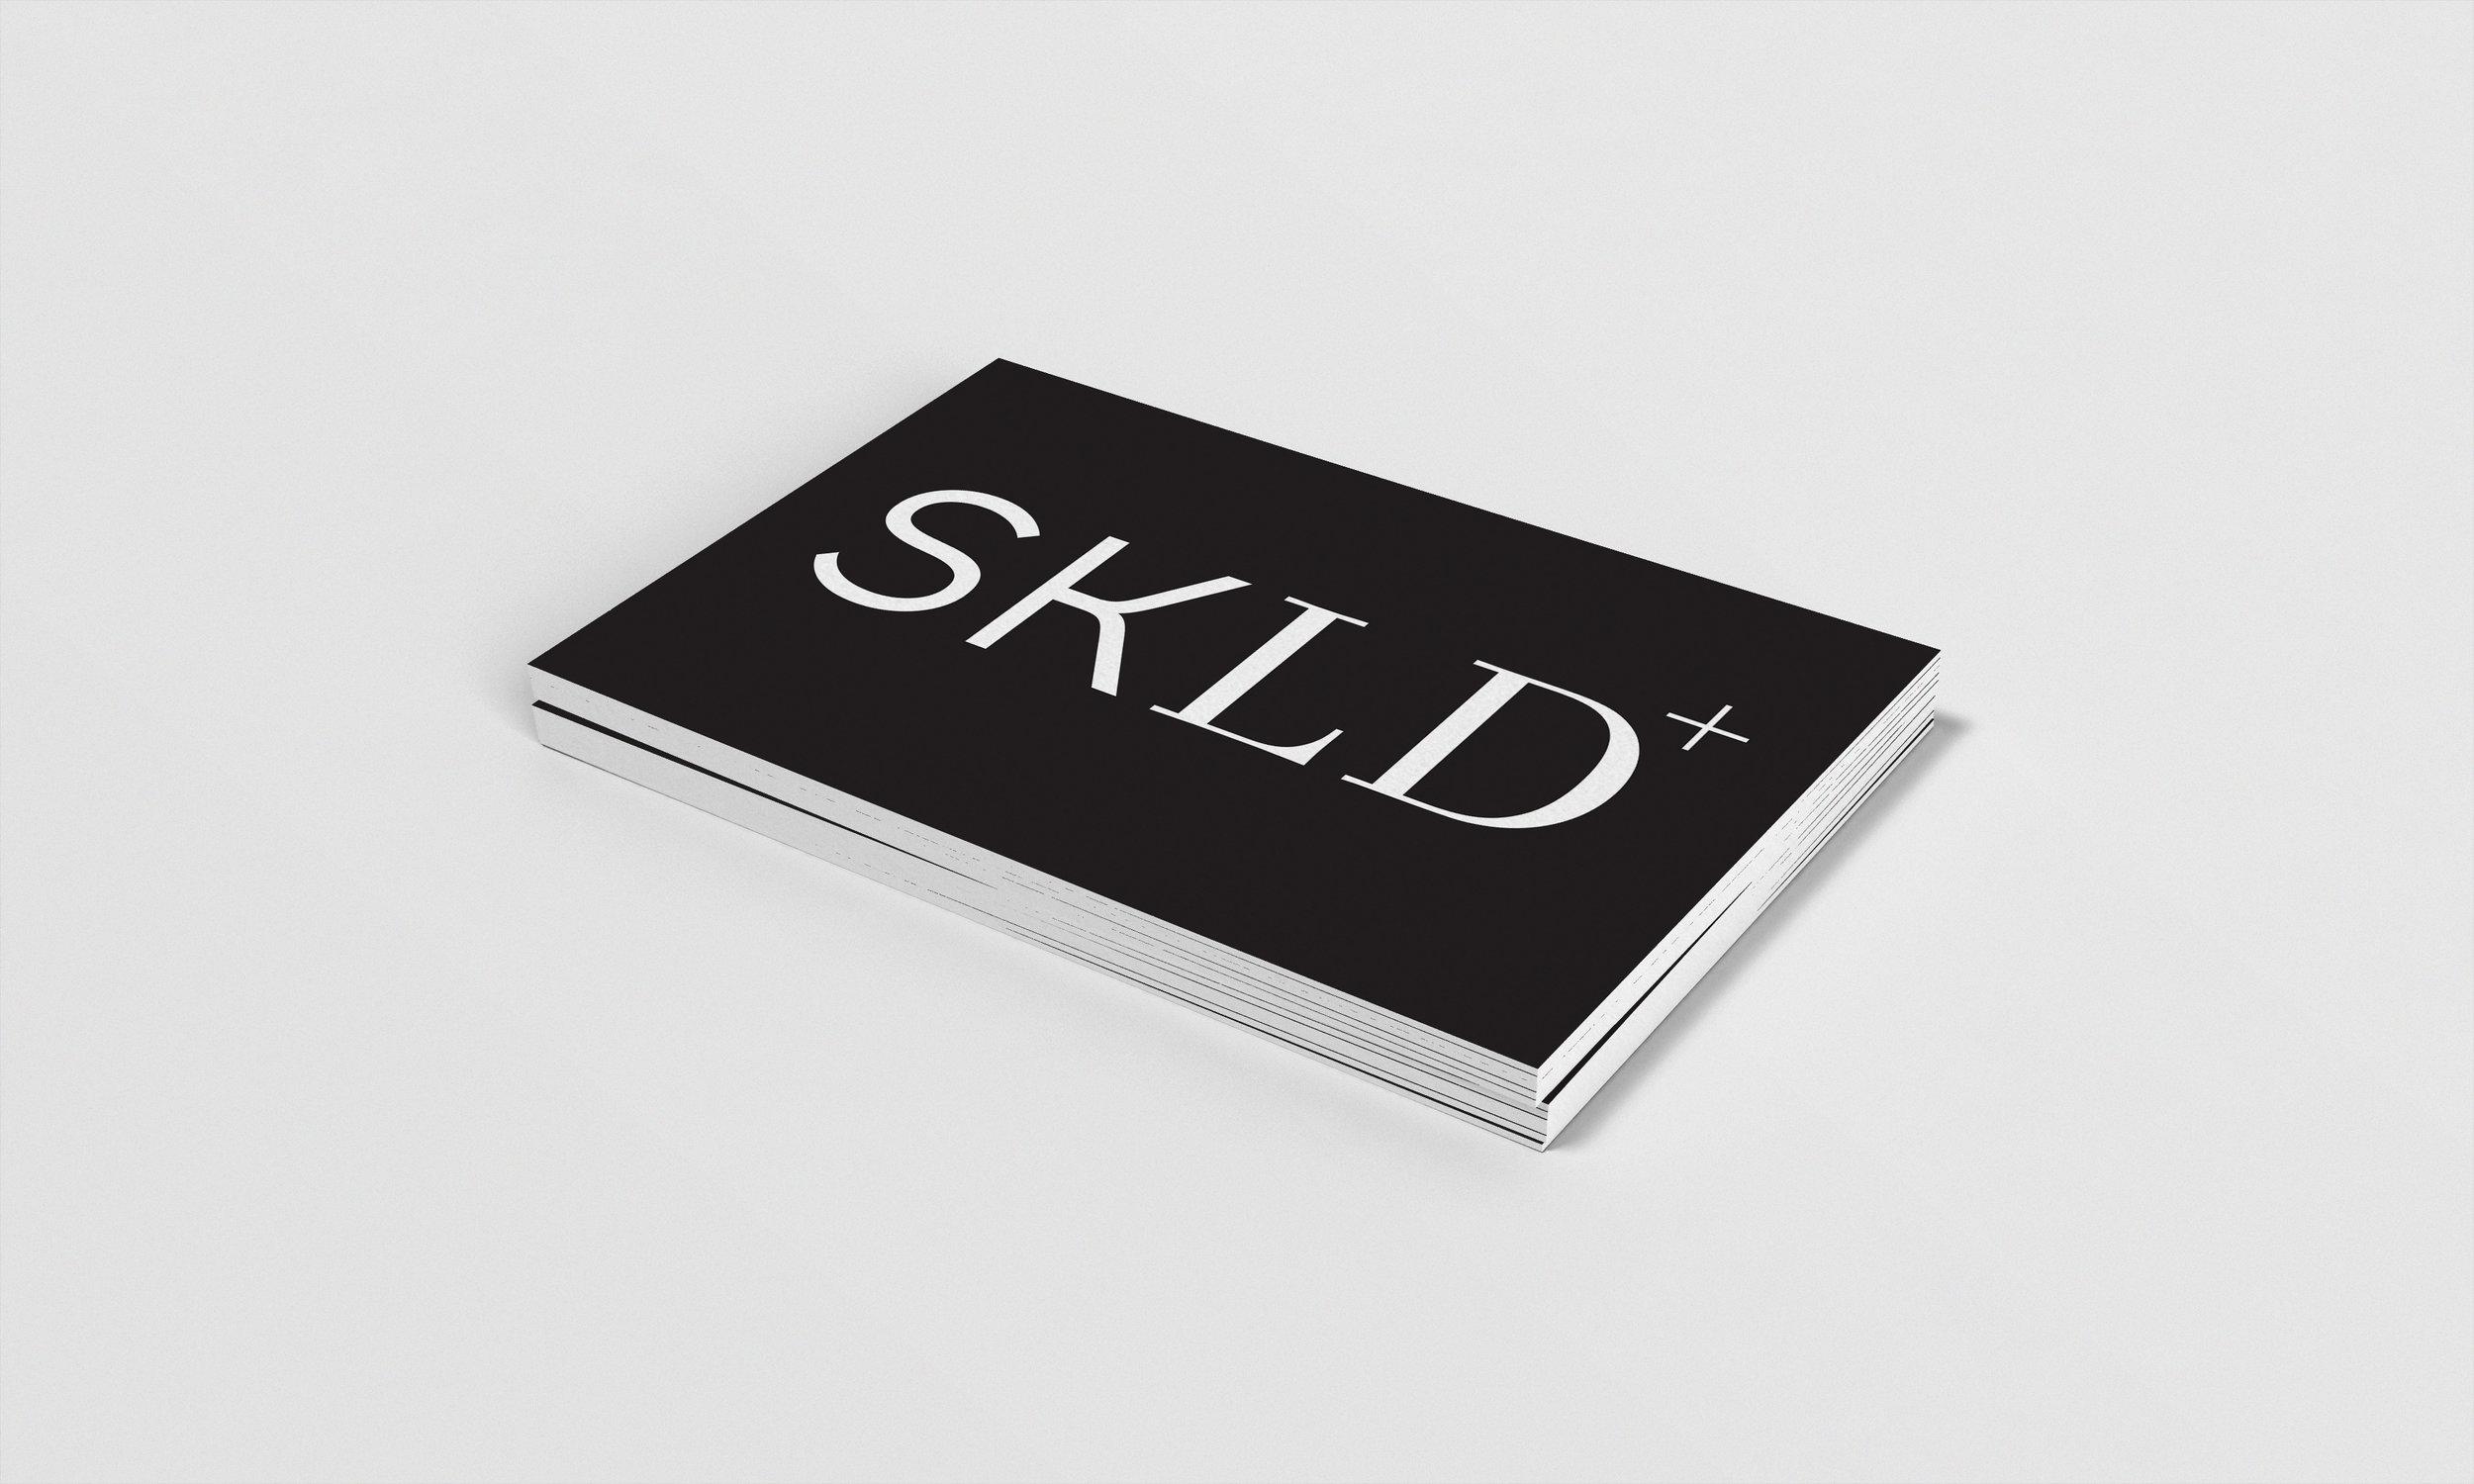 3D_skld+_white-card_3500w.jpg